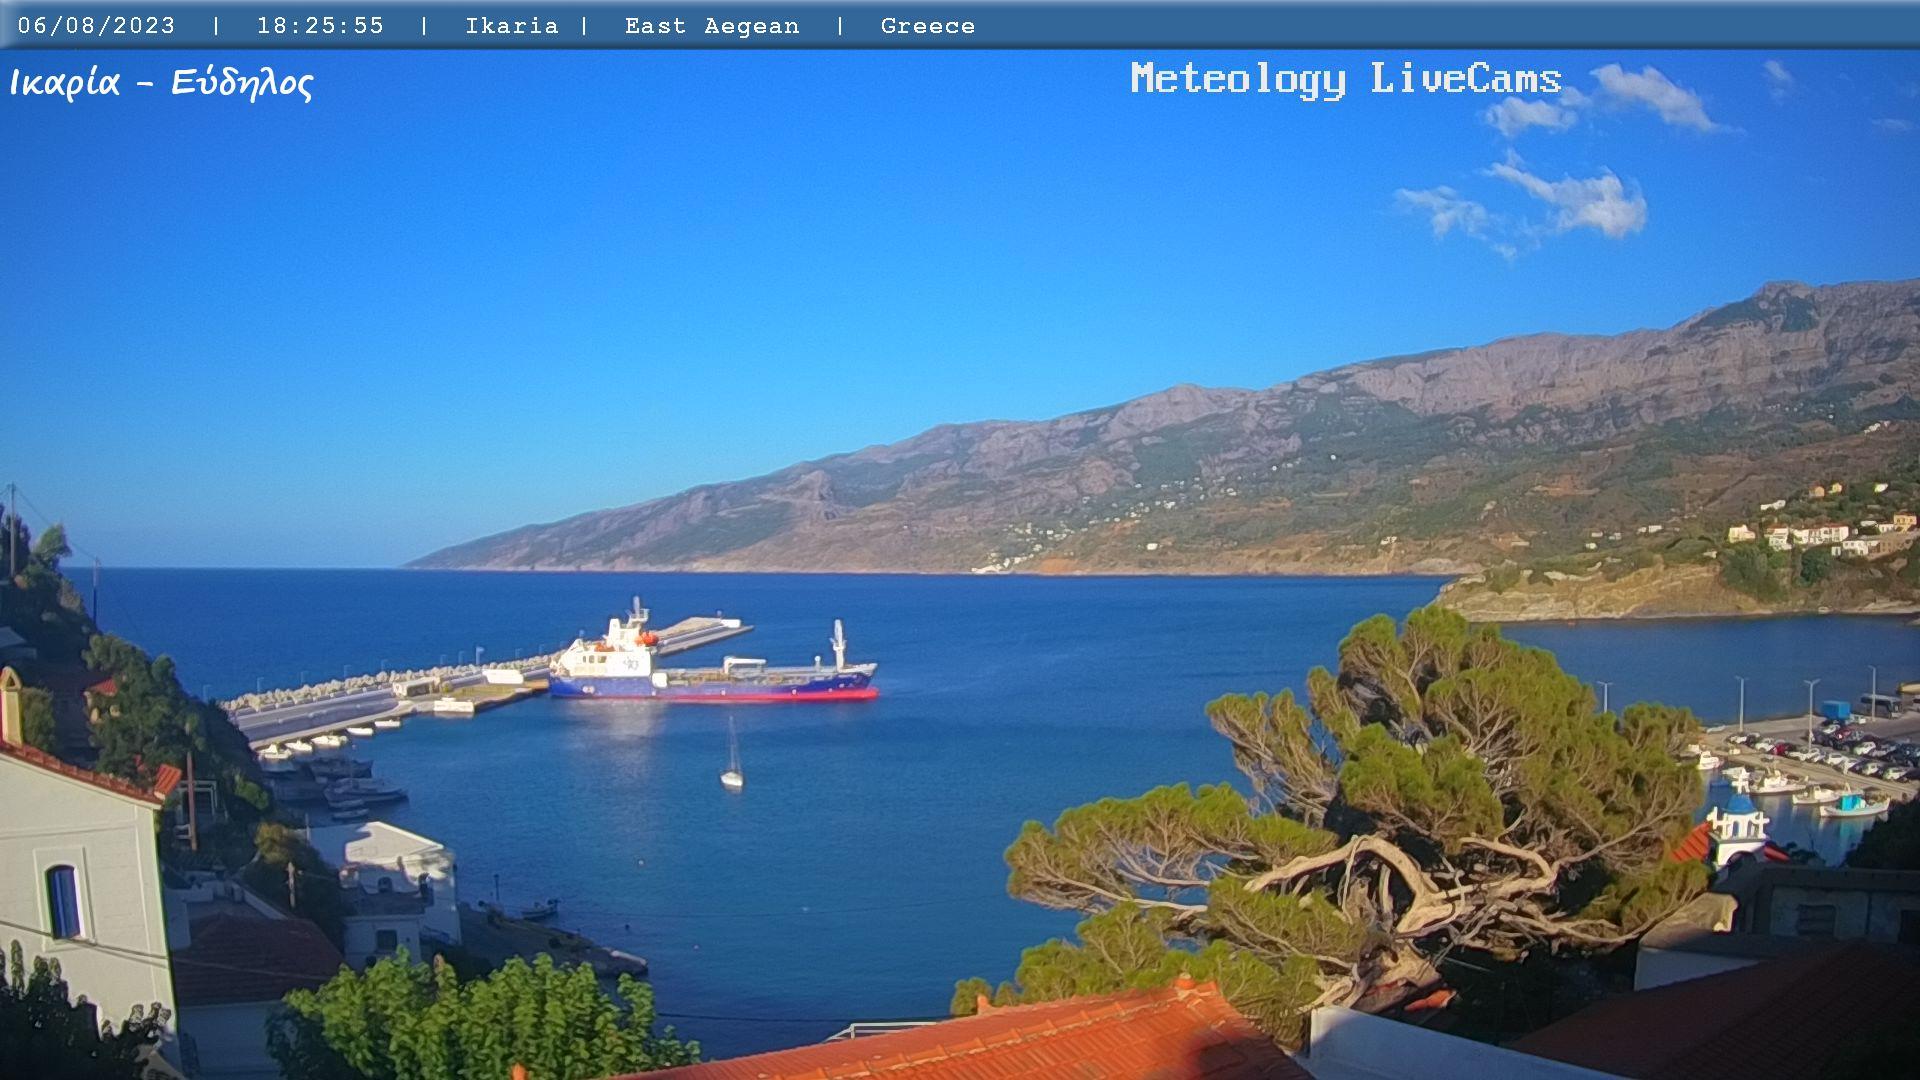 Webcam Ικαρία